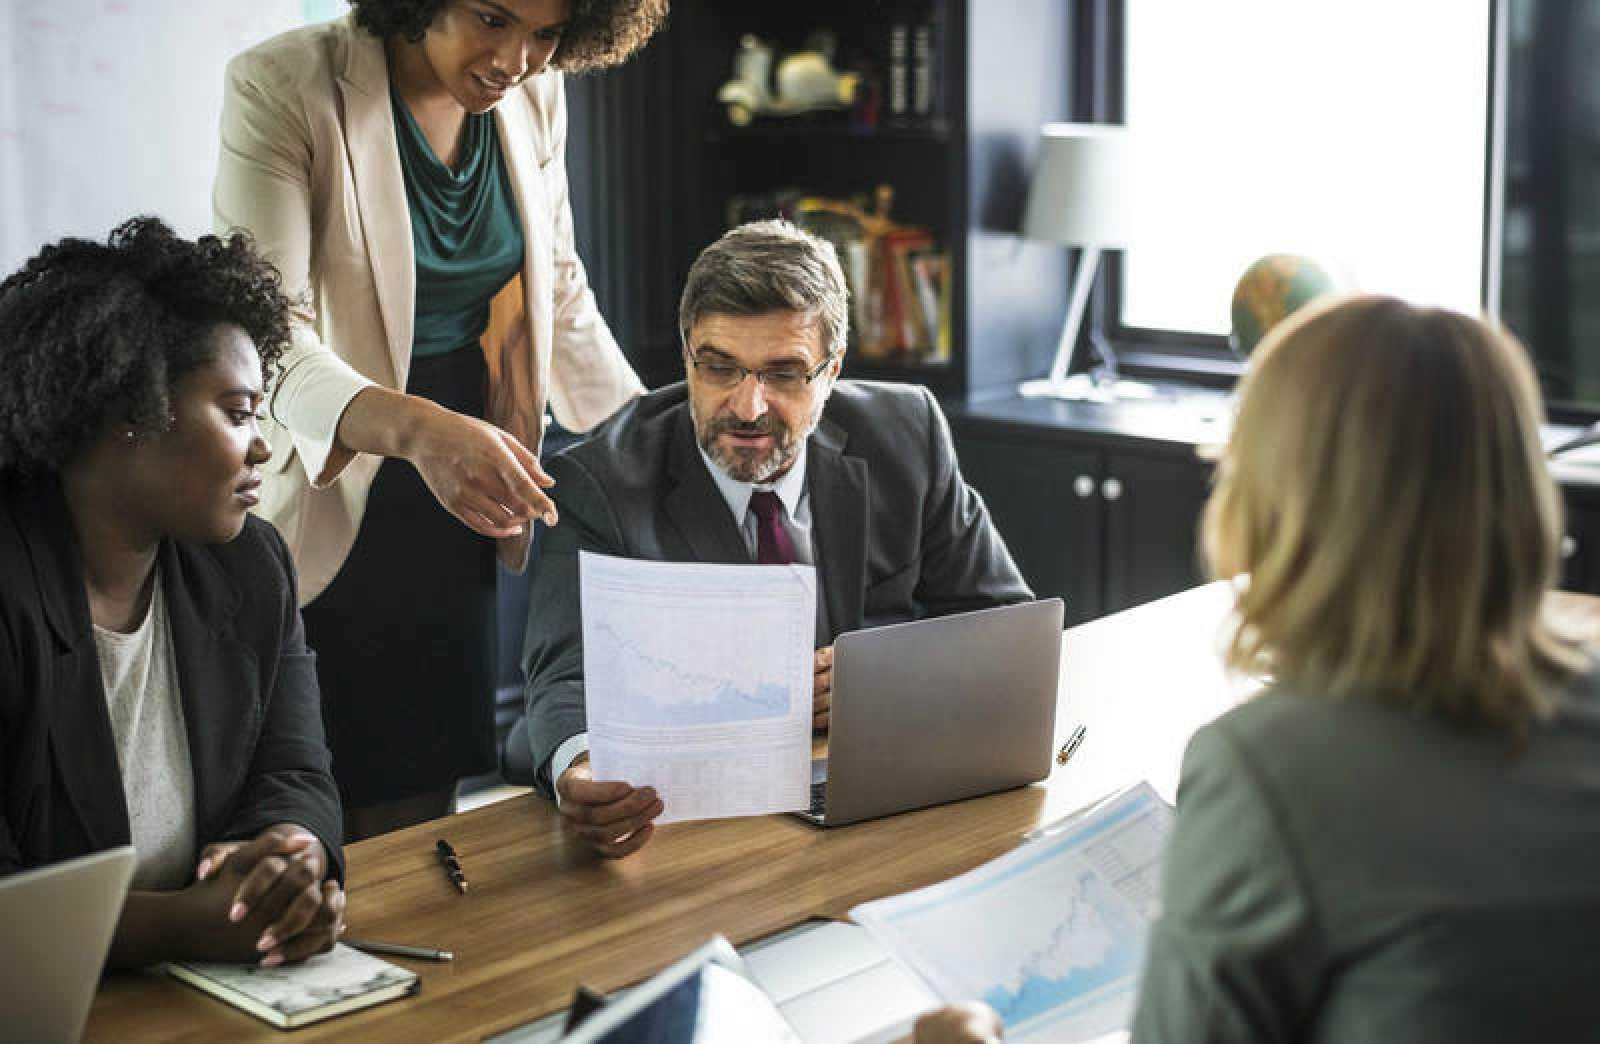 Fotografía de recurso de tres mujeres y un hombre trabajo en una oficina